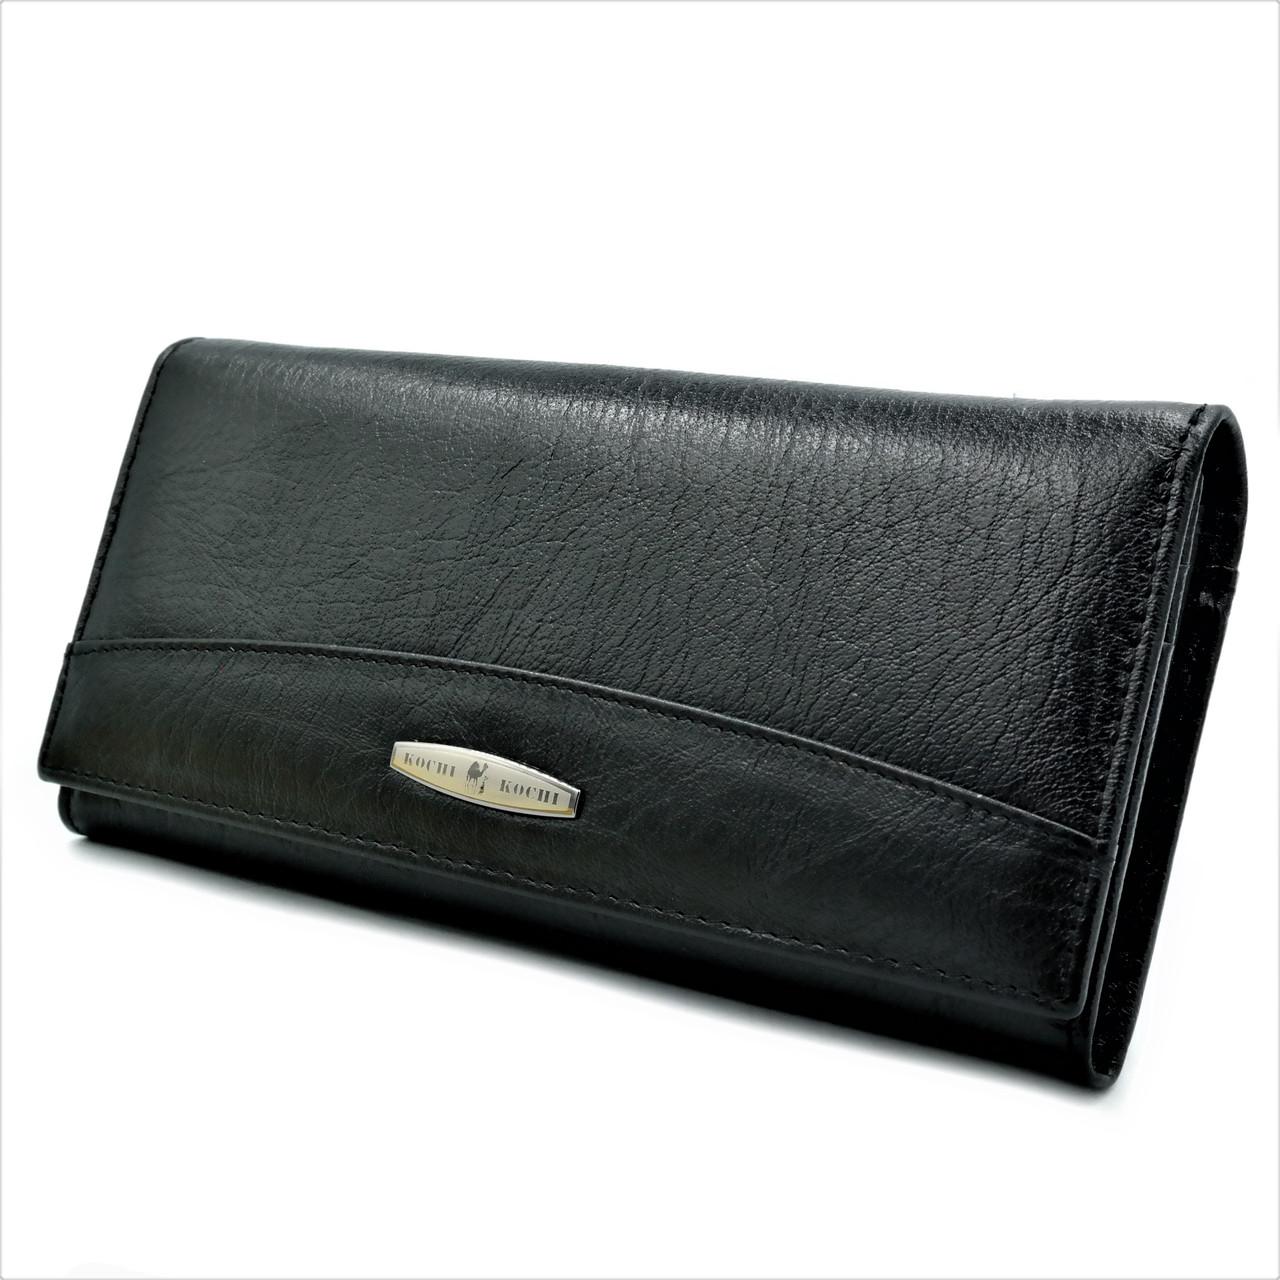 Жіночий шкіряний гаманець Чорний Гаманець преміум класу Сучасний якісний гаманець для дівчини